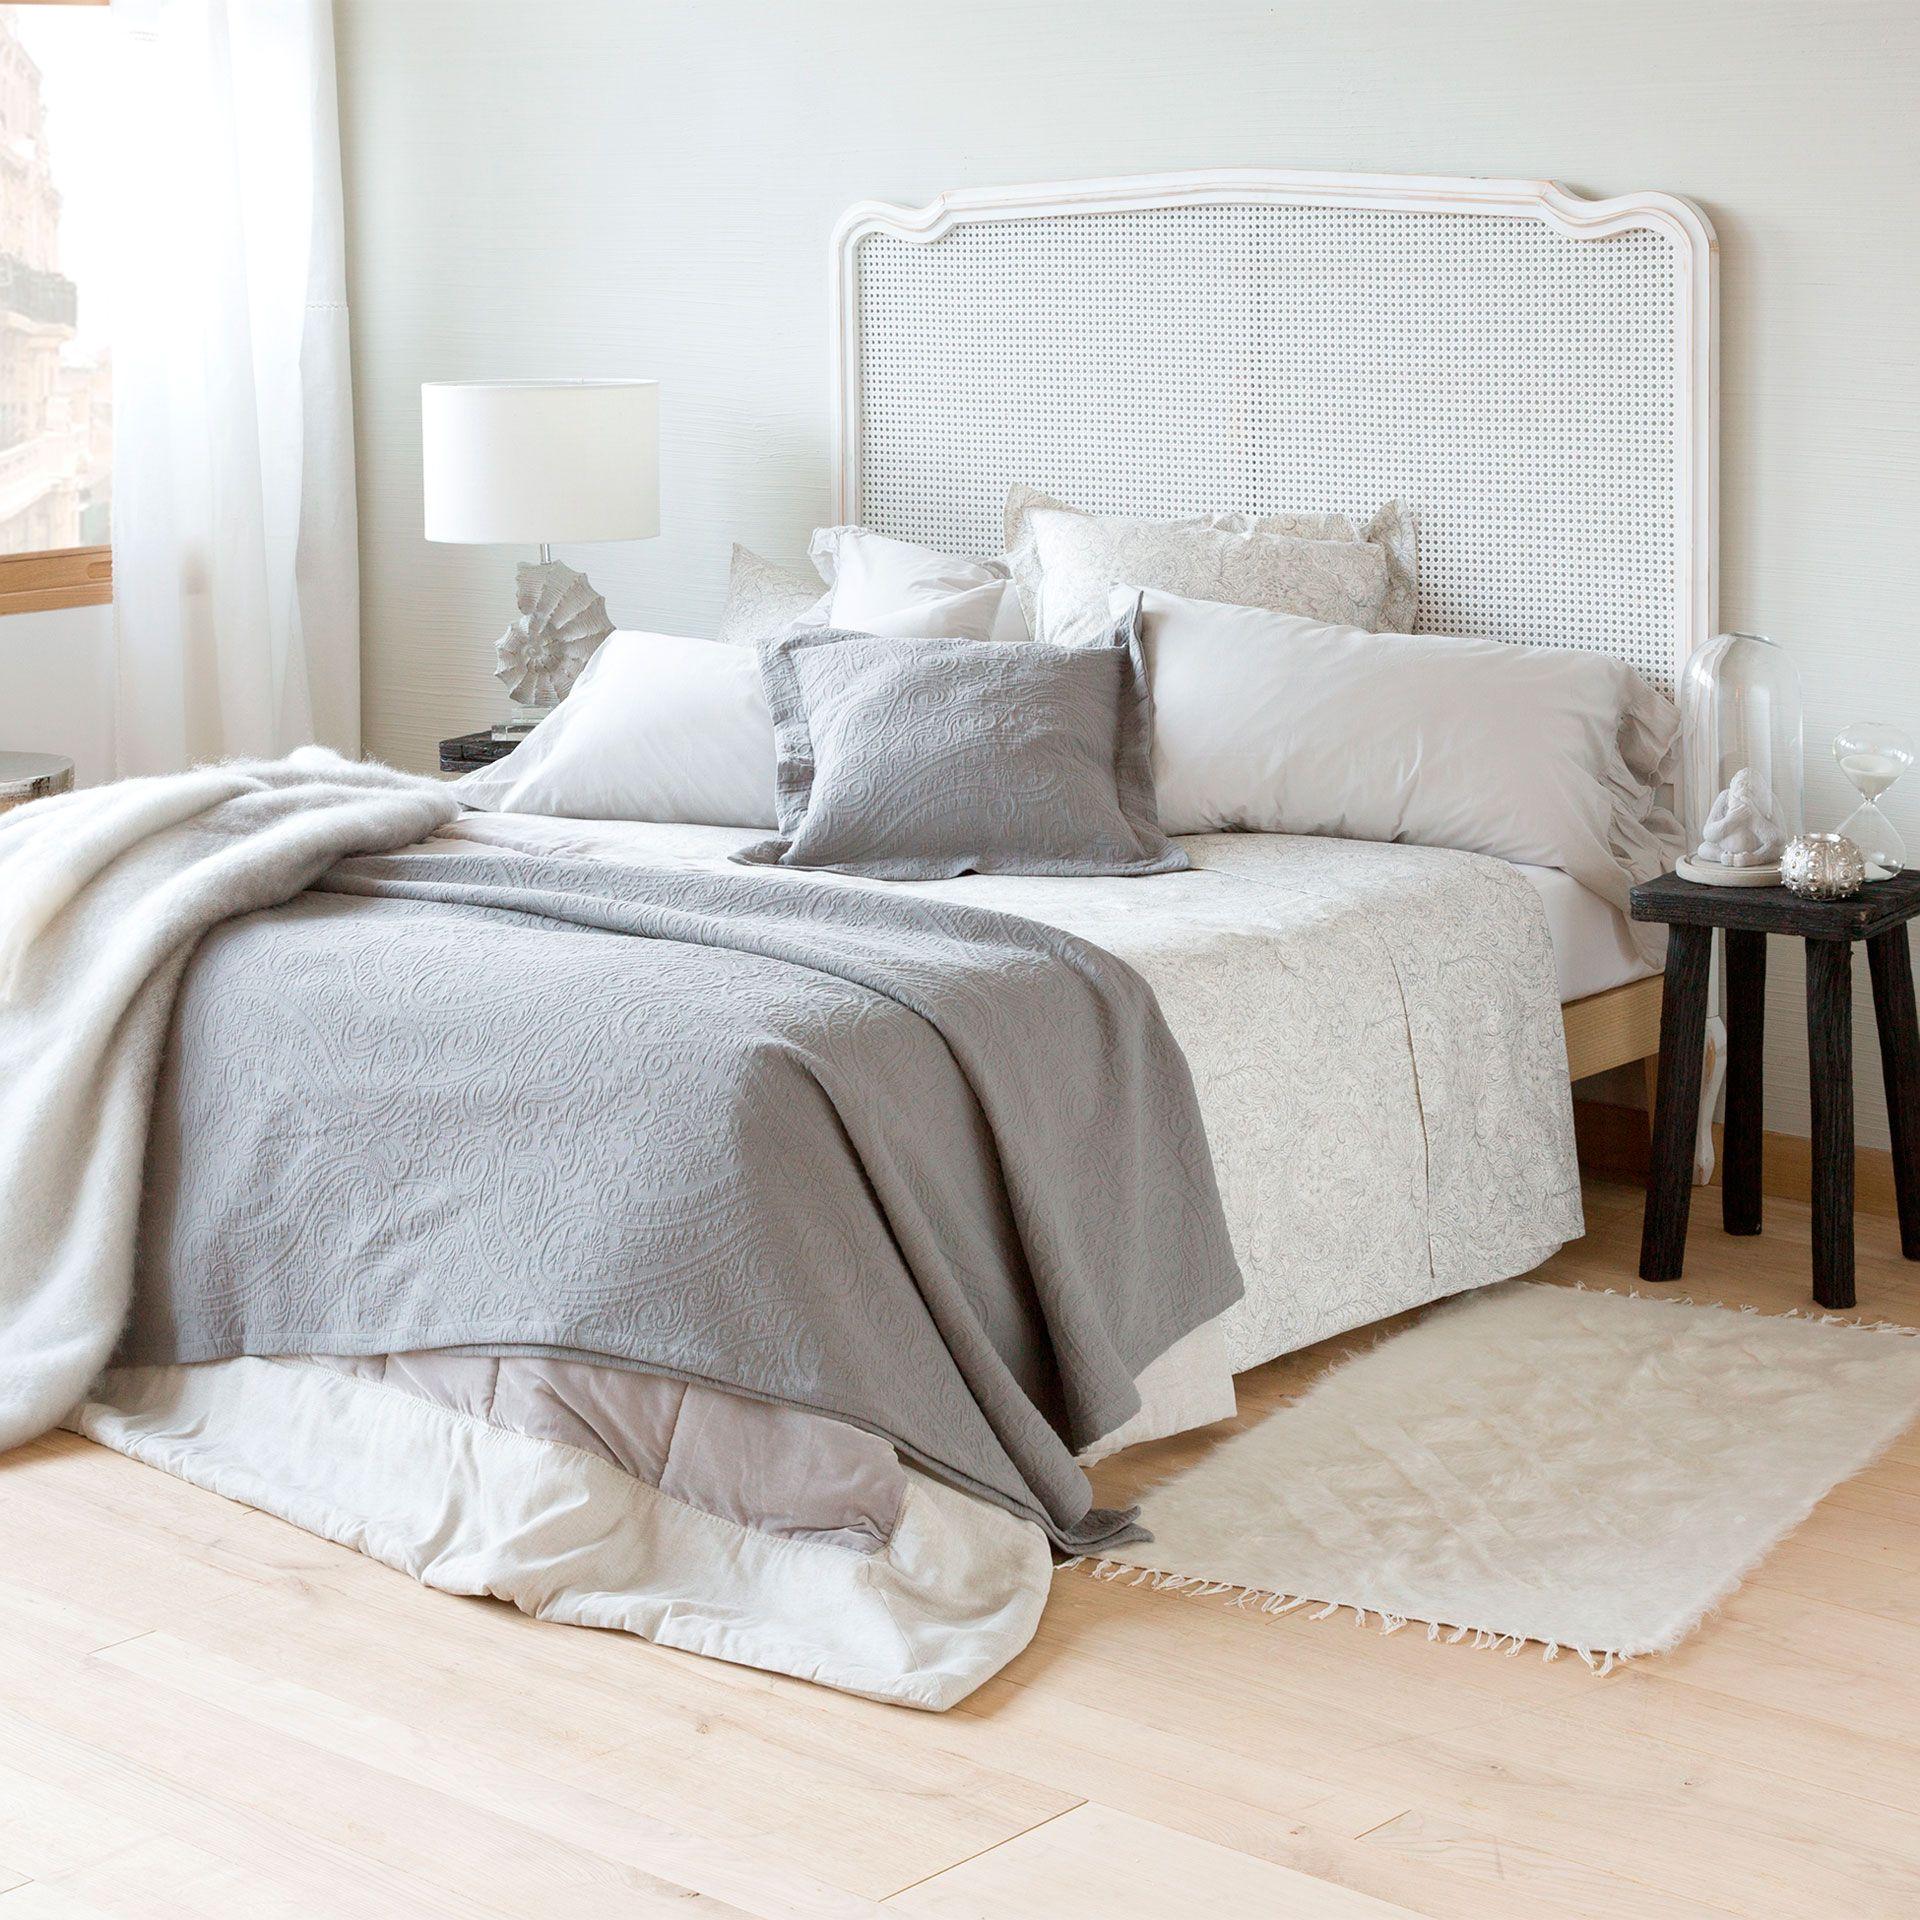 tagesdecke und kissenbezug aus baumwolljacquard mit paisleymuster tagesdecken schlafen. Black Bedroom Furniture Sets. Home Design Ideas